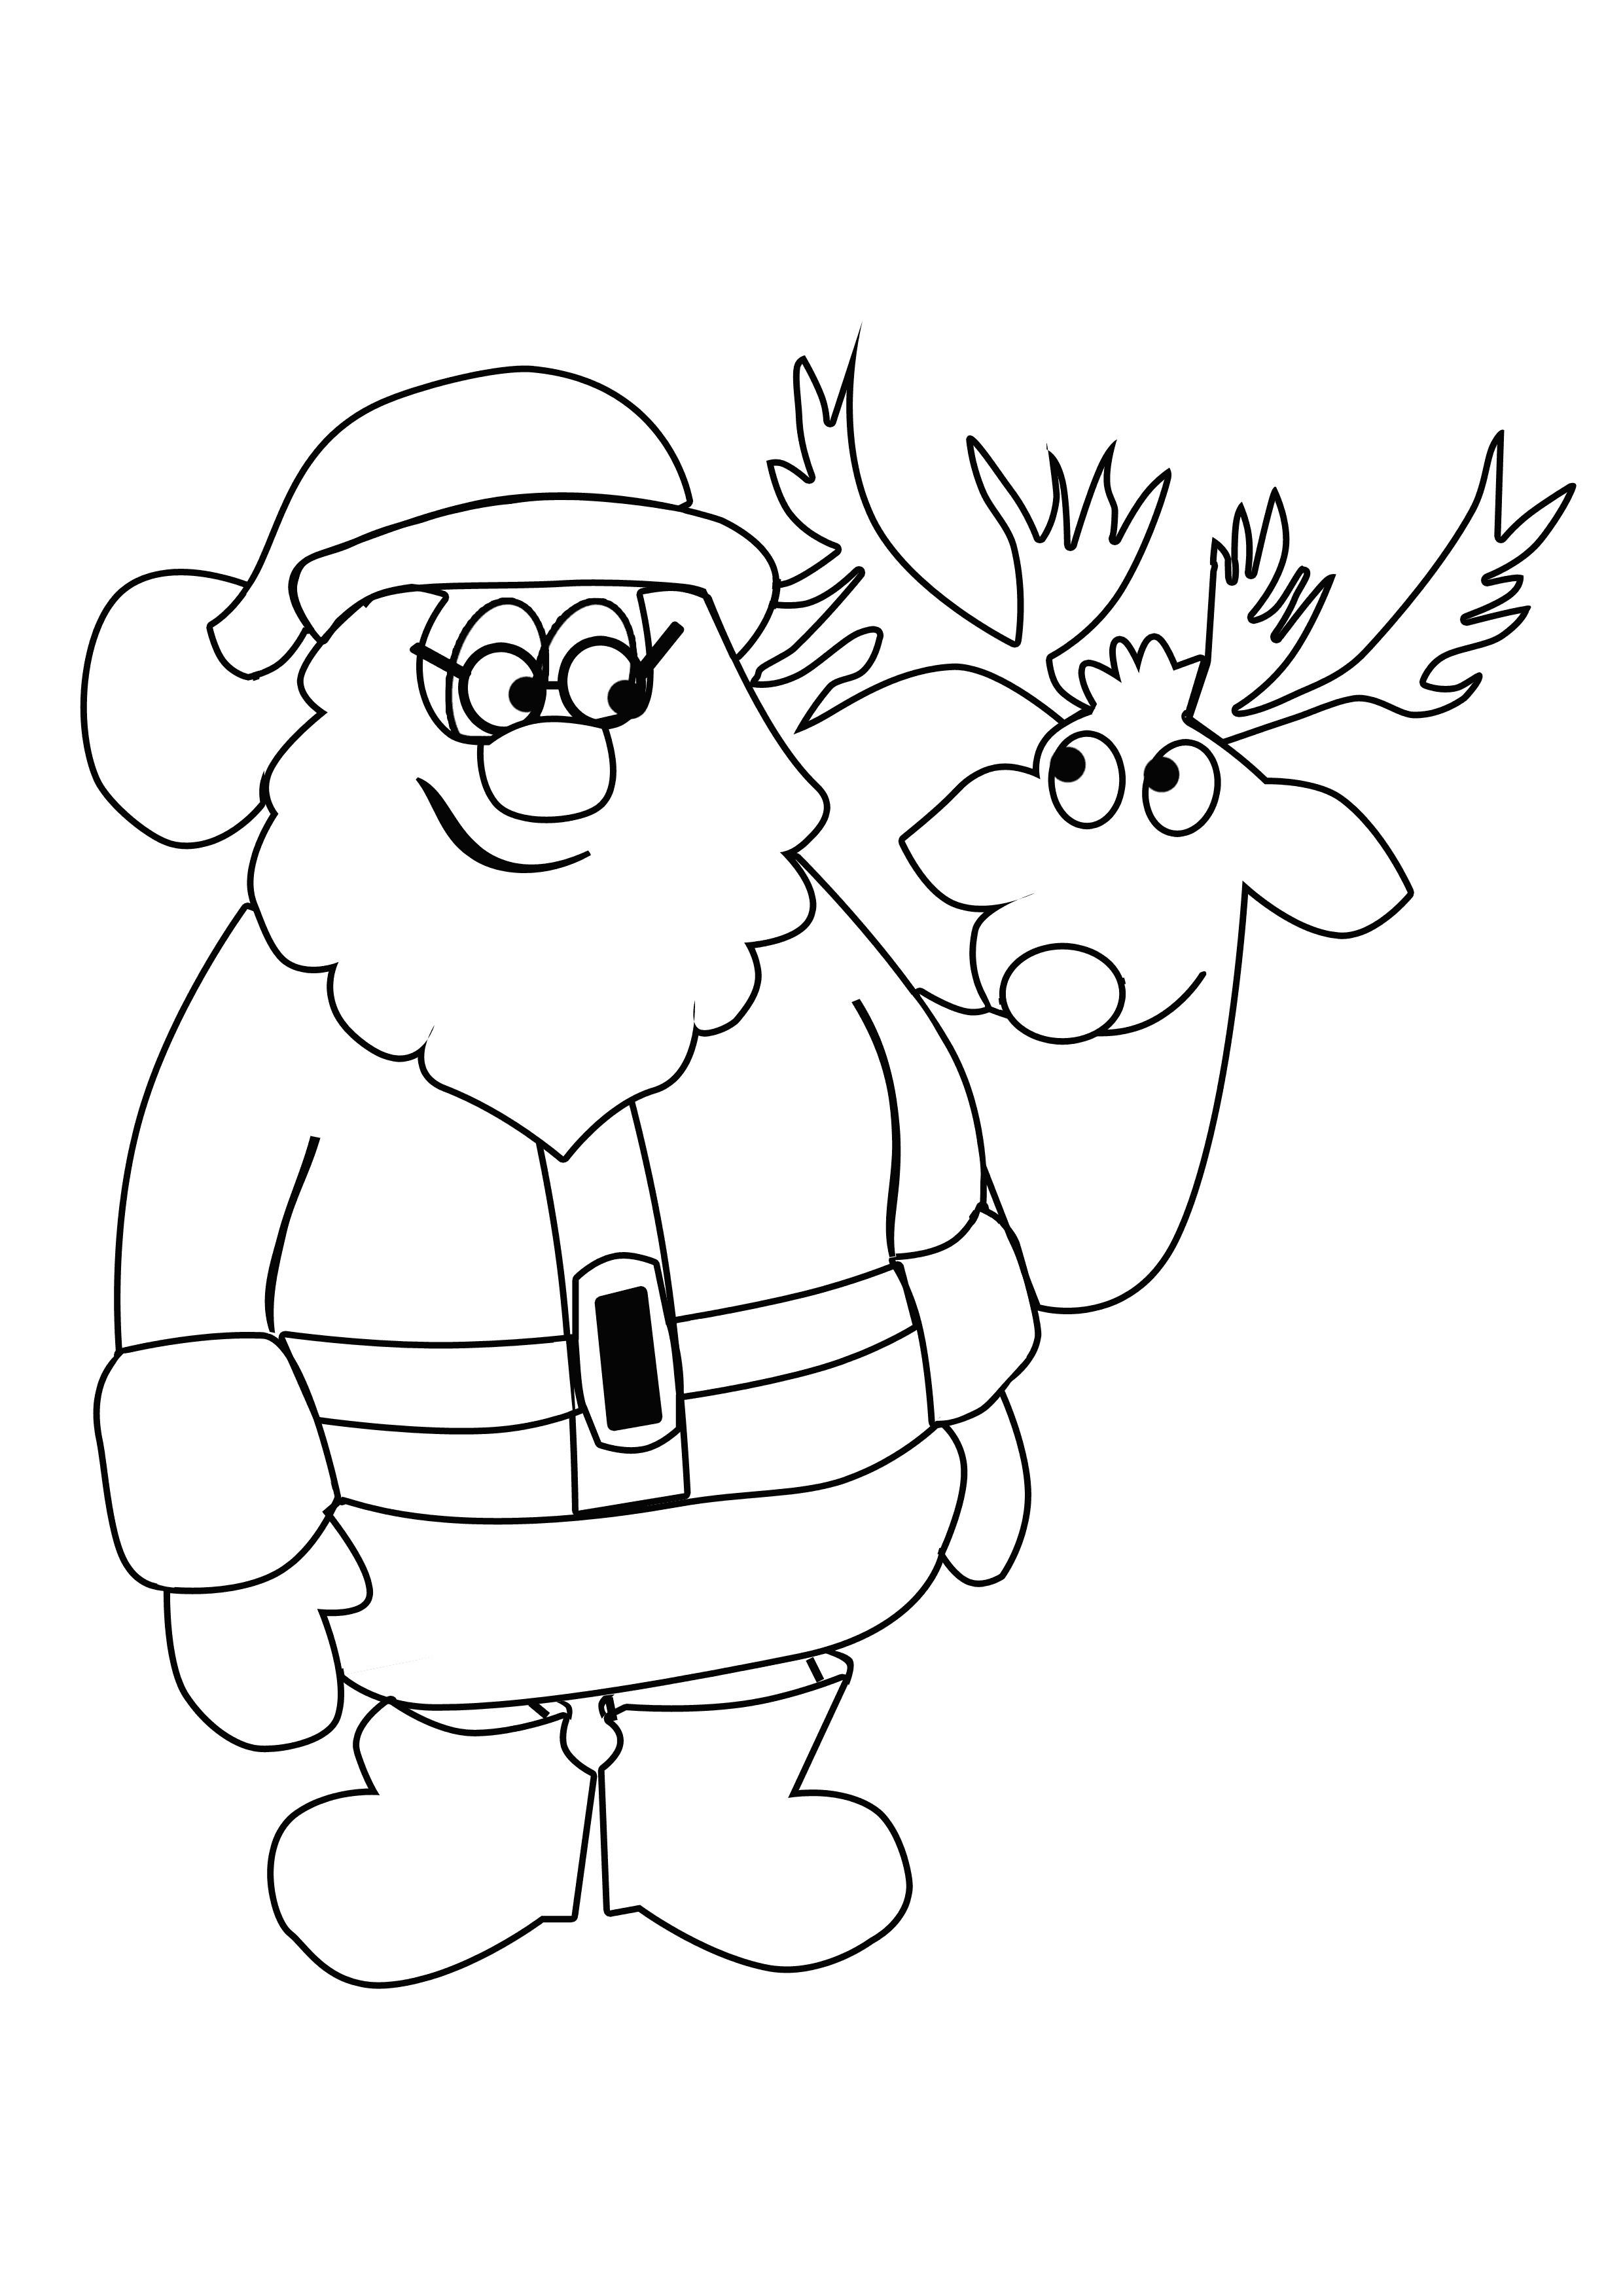 Ausmalbilder Weihnachten Muster Neu Schablonen Weihnachtsmotive Zum Ausdrucken tongramp Bilder